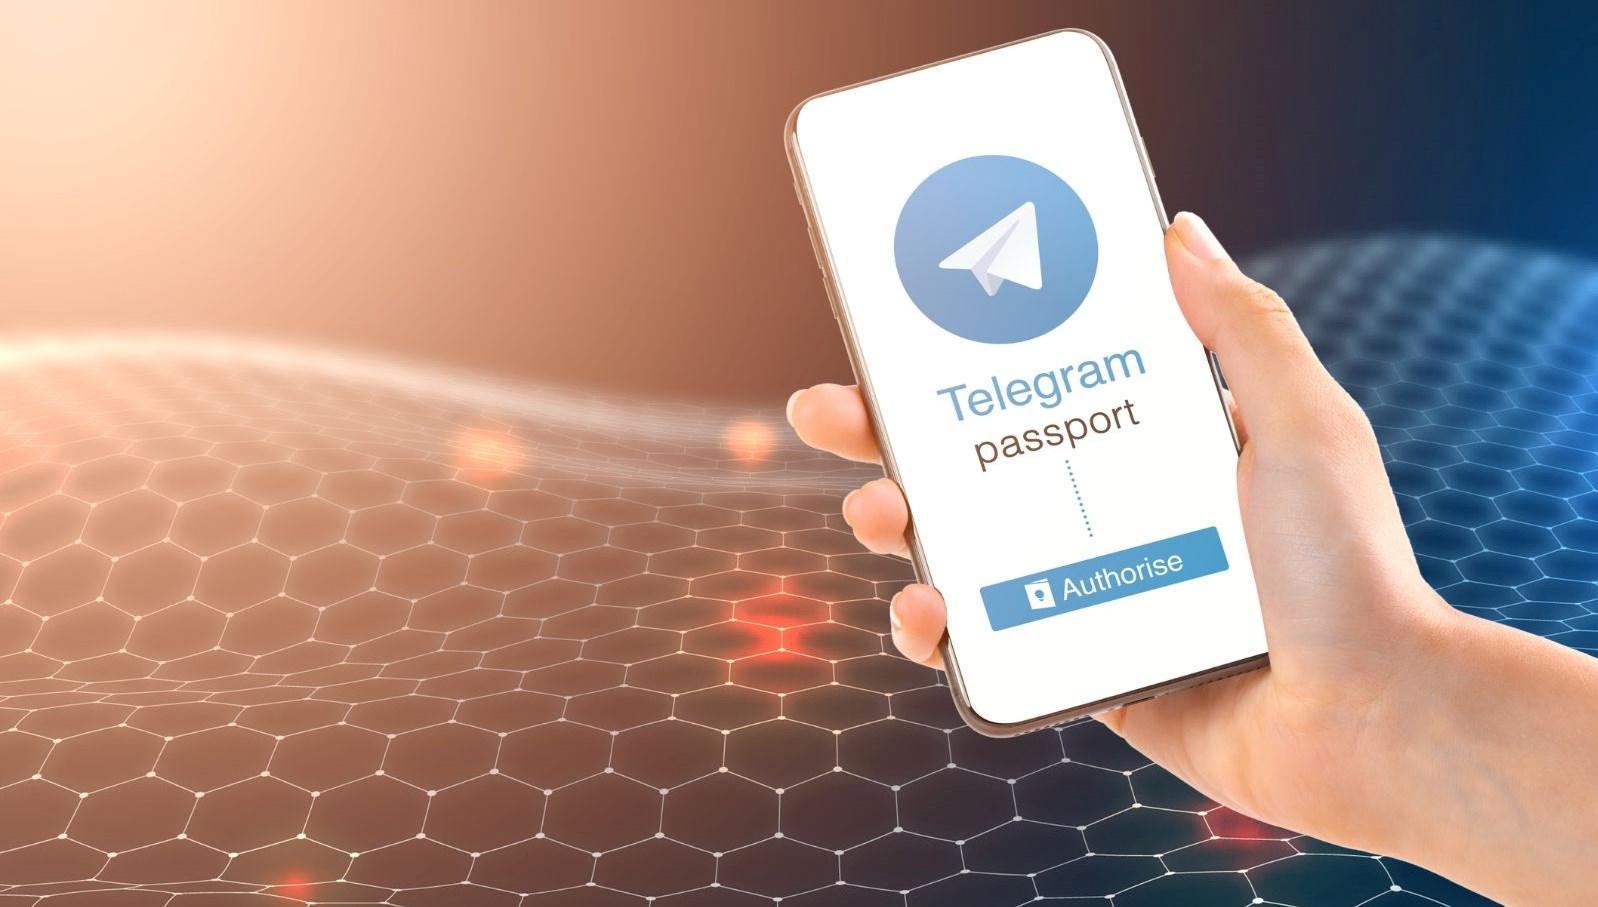 Telegram nedir? Telegram nasıl kullanılır? Telegram uygulaması sahibi kim?